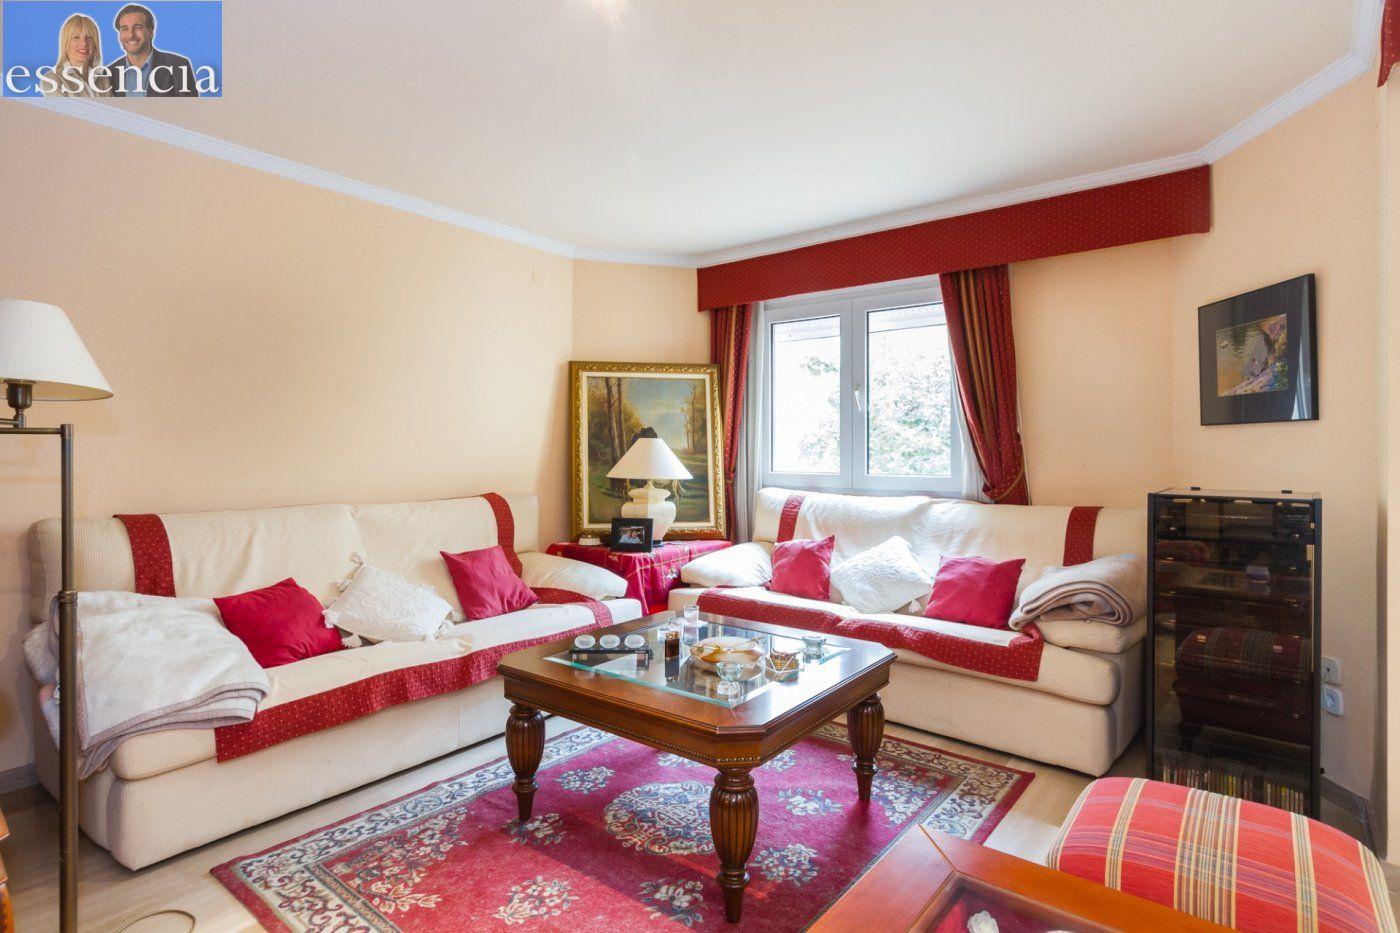 Casa con encanto en el centro de gandÍa para clientes vip - imagenInmueble6